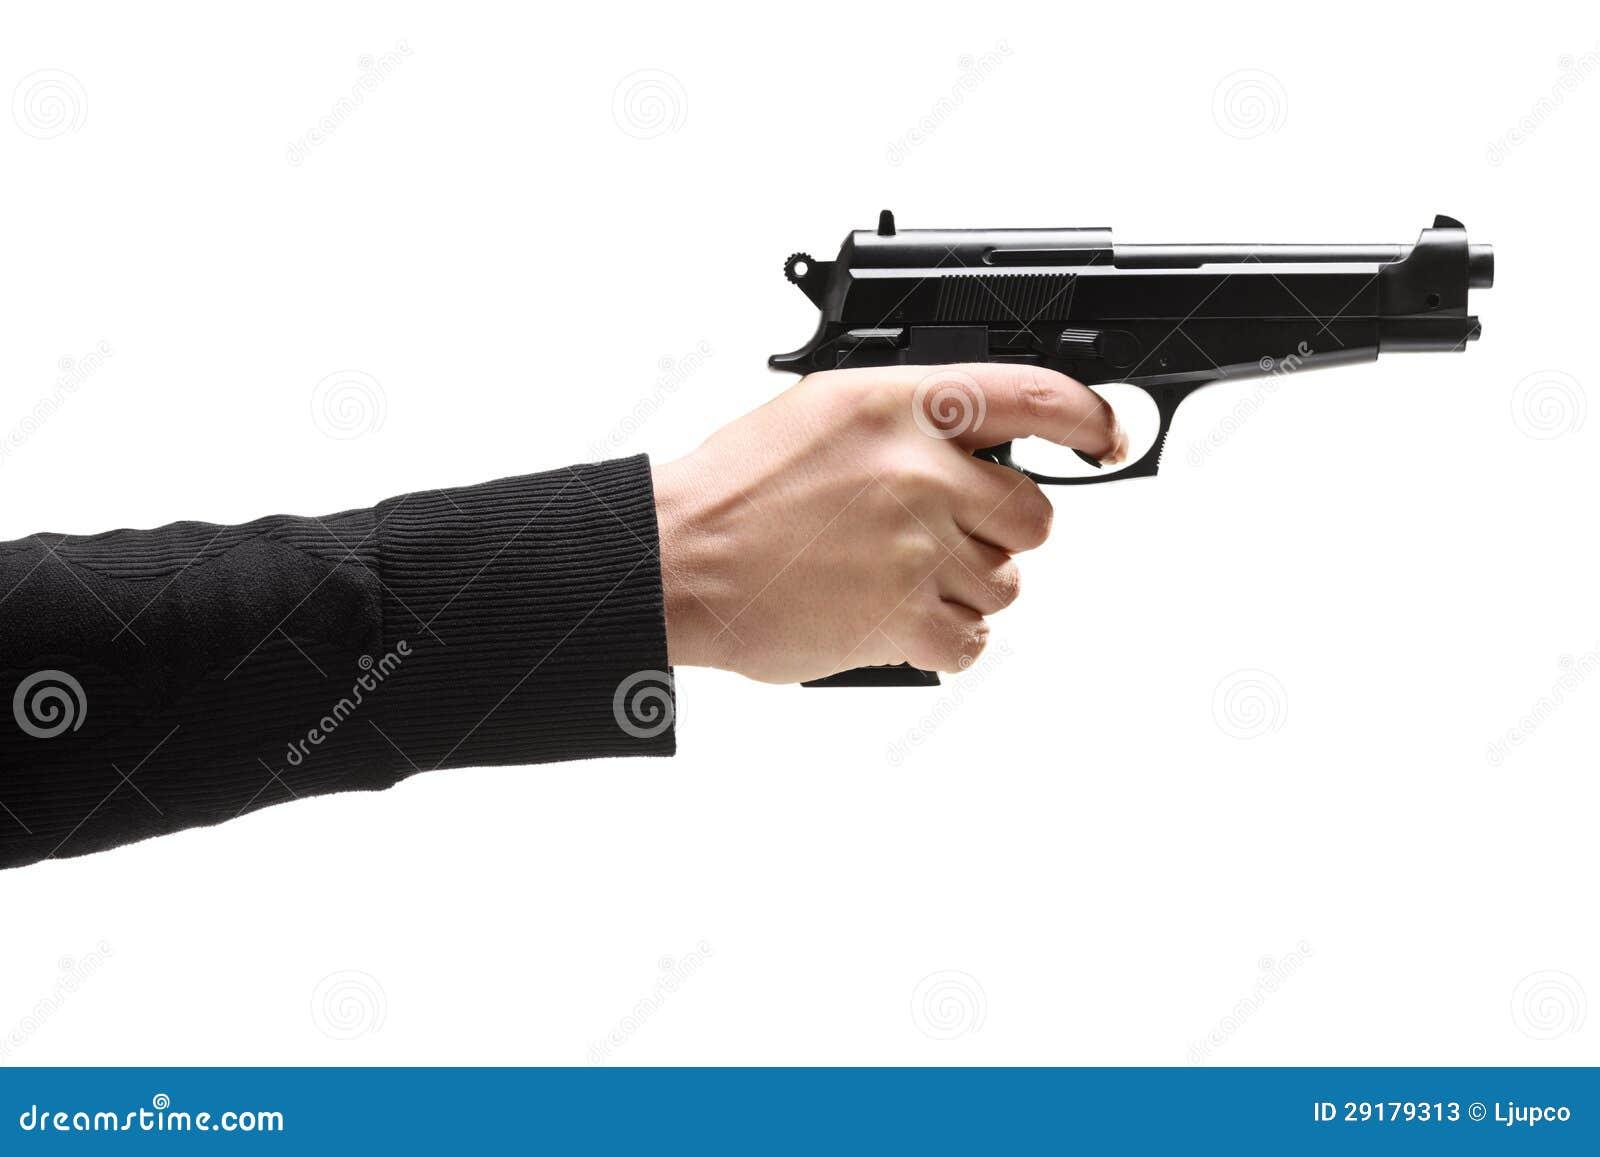 Robber holding a gun stock image. Image of murderer, crime ...